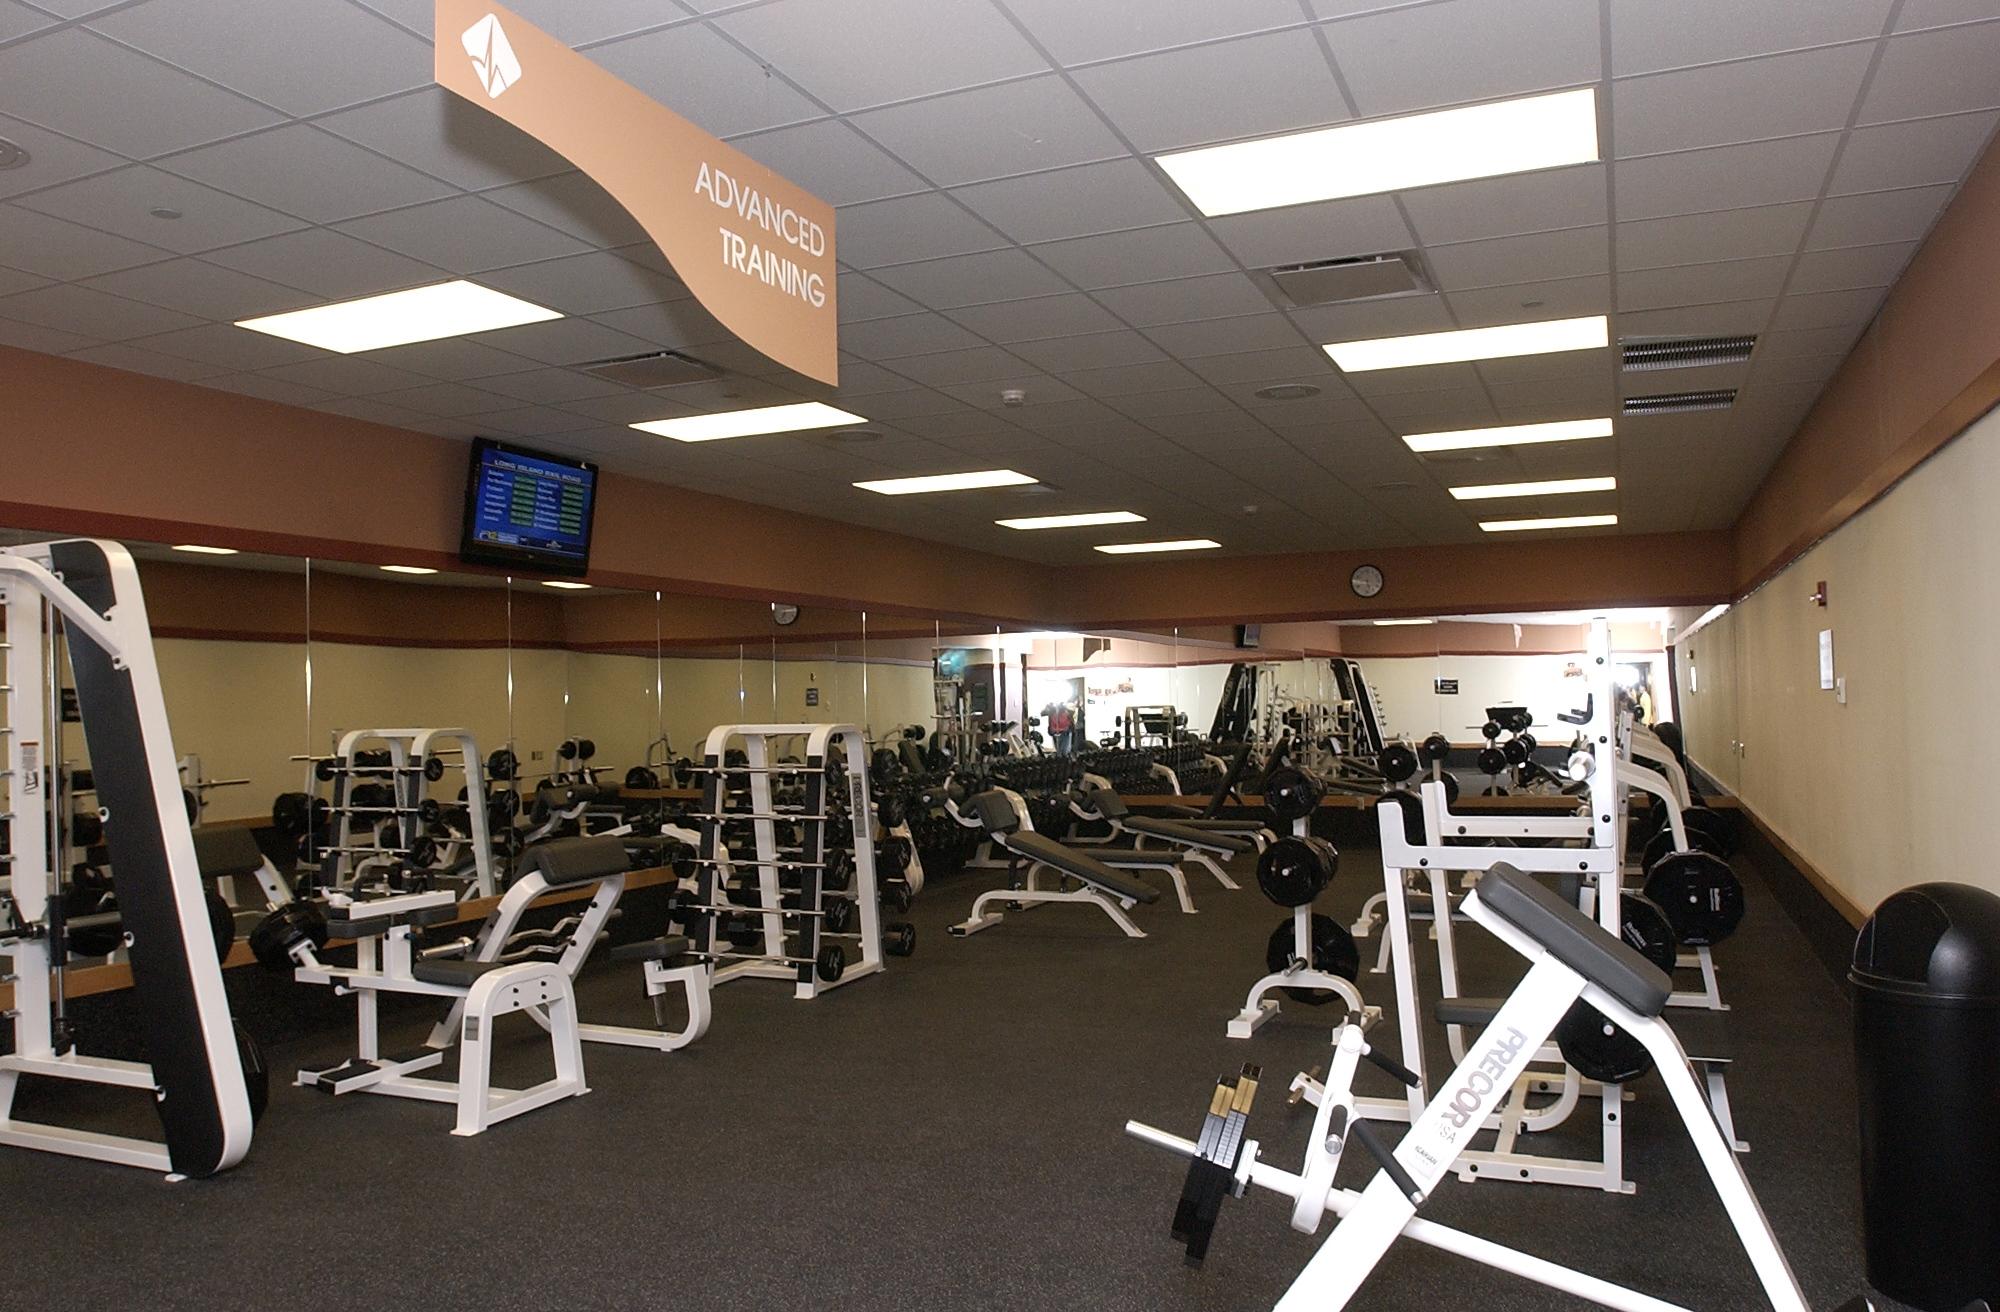 Garden City NY Wellness Center   Fitness & Aquatics   Healthtrax